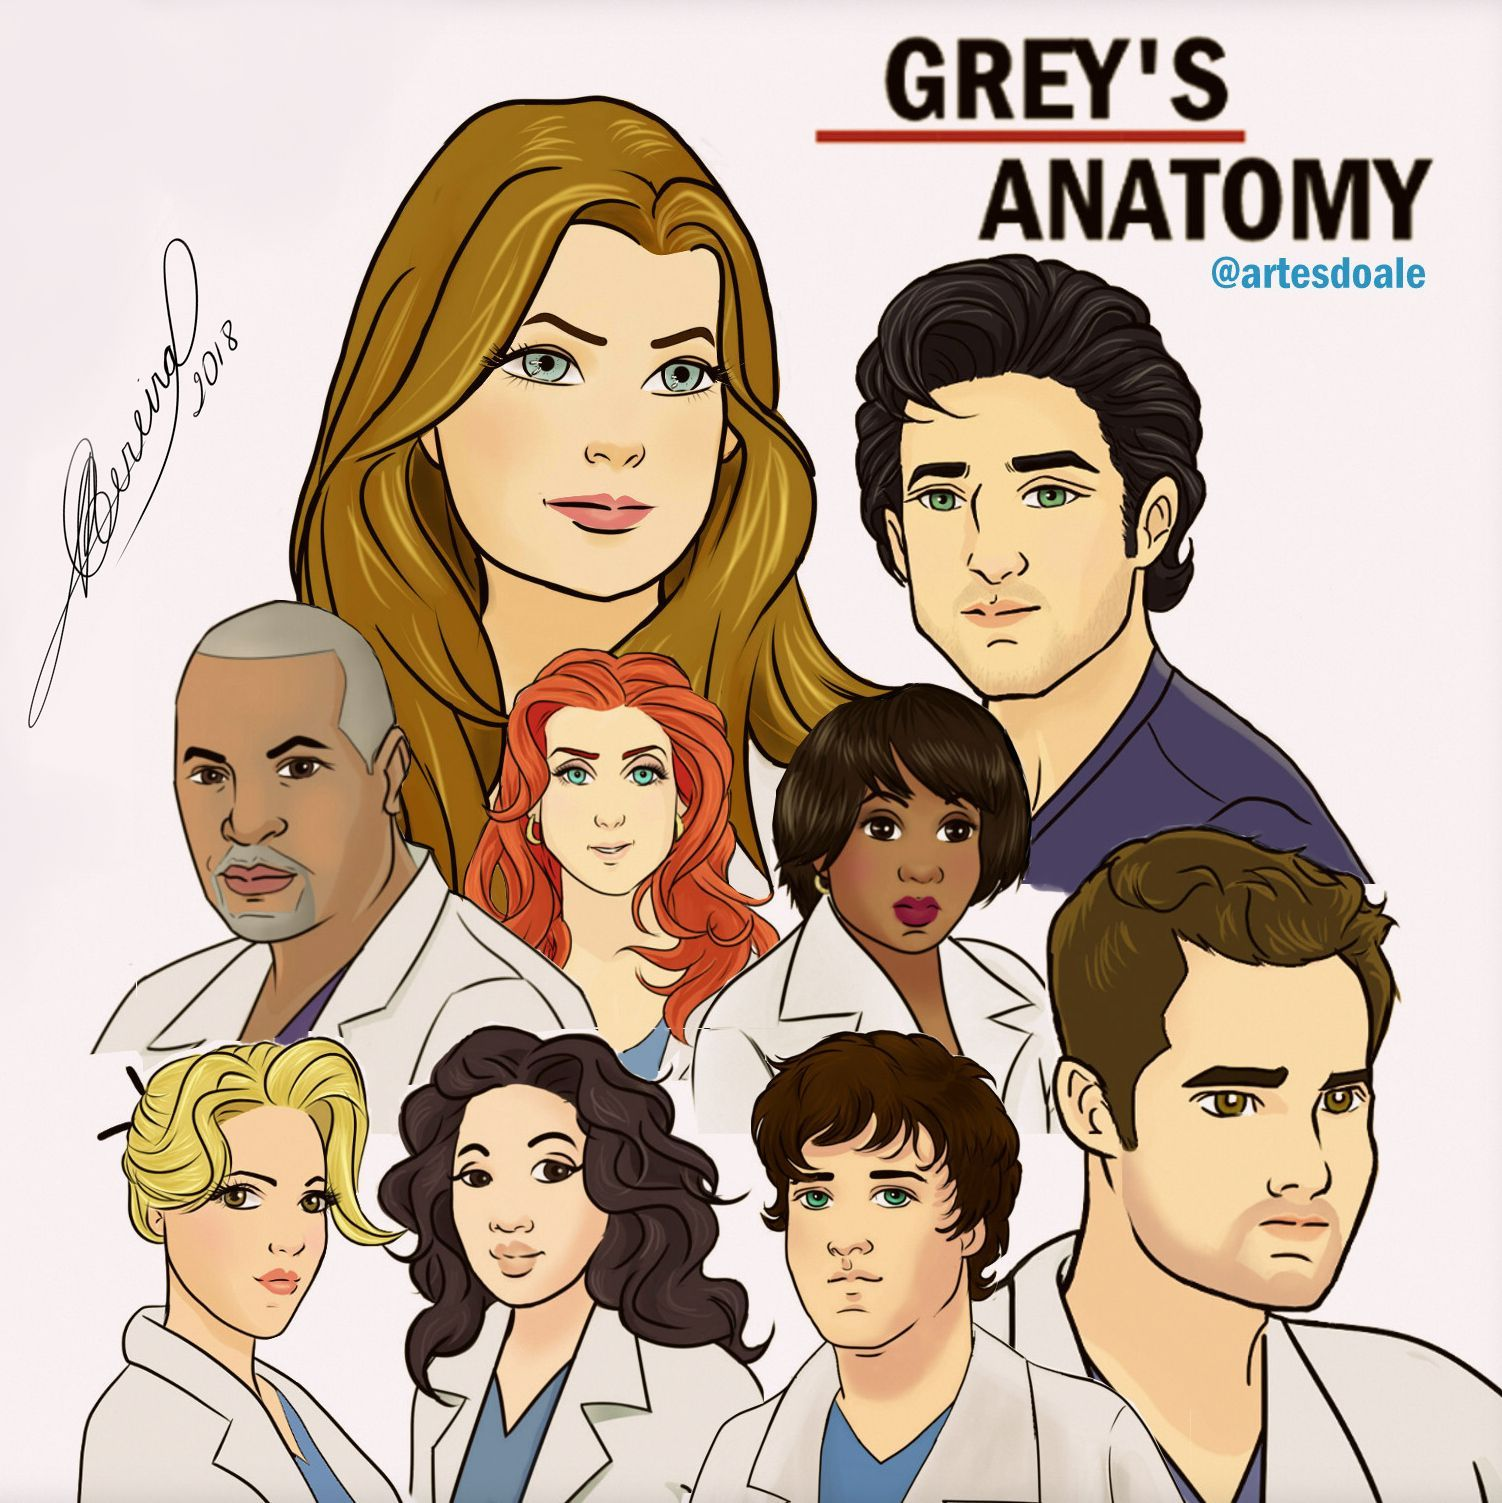 Grey S Anatomy By Artesdoale Grey S Anatomy Greys Anatomy Pll Grey Anatomy Quotes The Cw Harvey Specter B Greys Anatomy Memes Greys Anatomy Cast Greys Anatomy